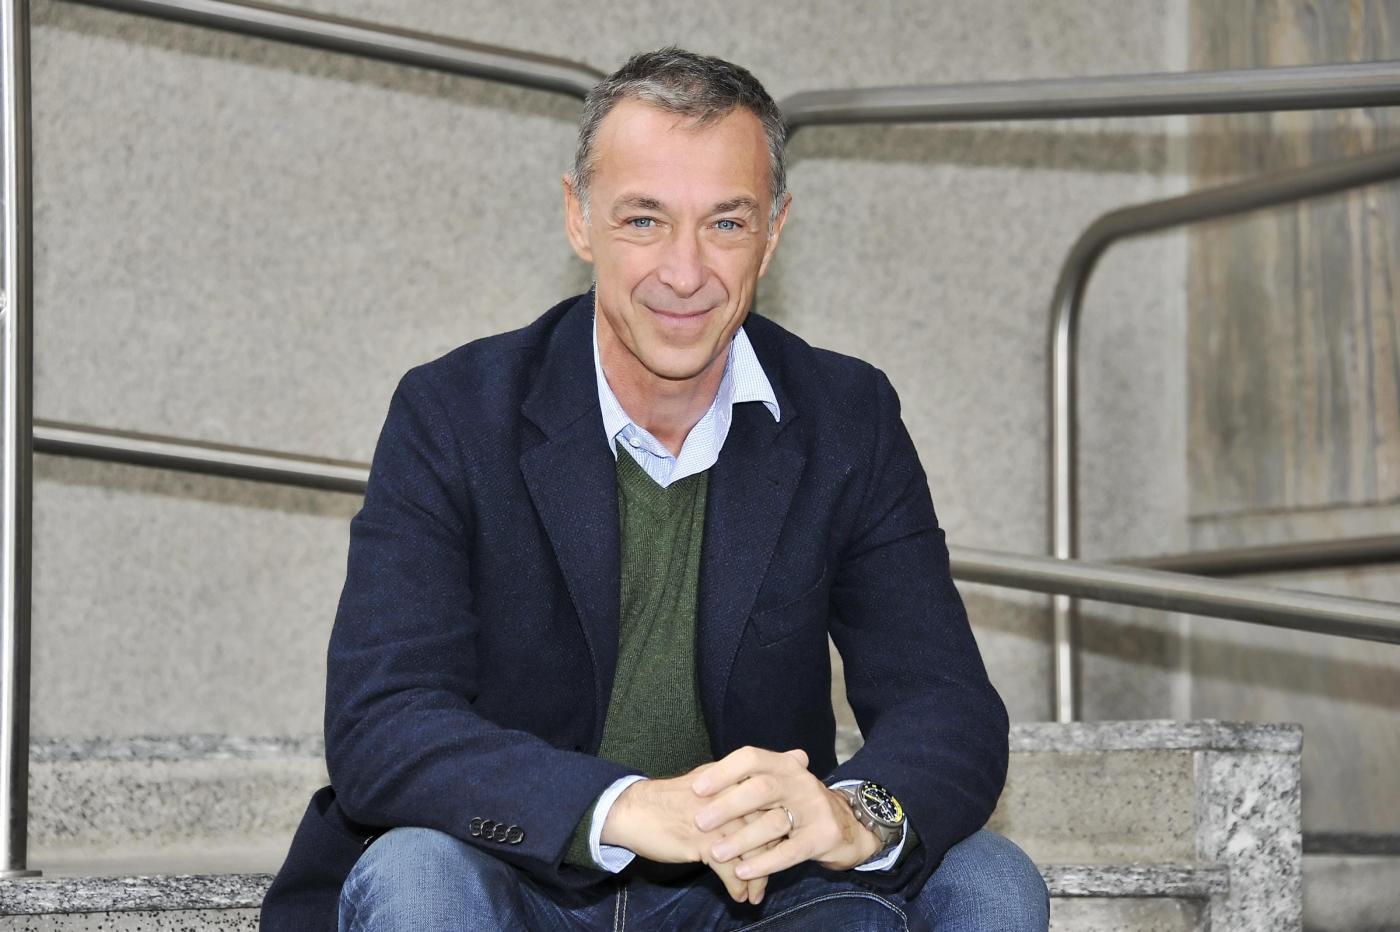 Linus racconta Milano: la città vista dal direttore di Radio Deejay [INTERVISTA]